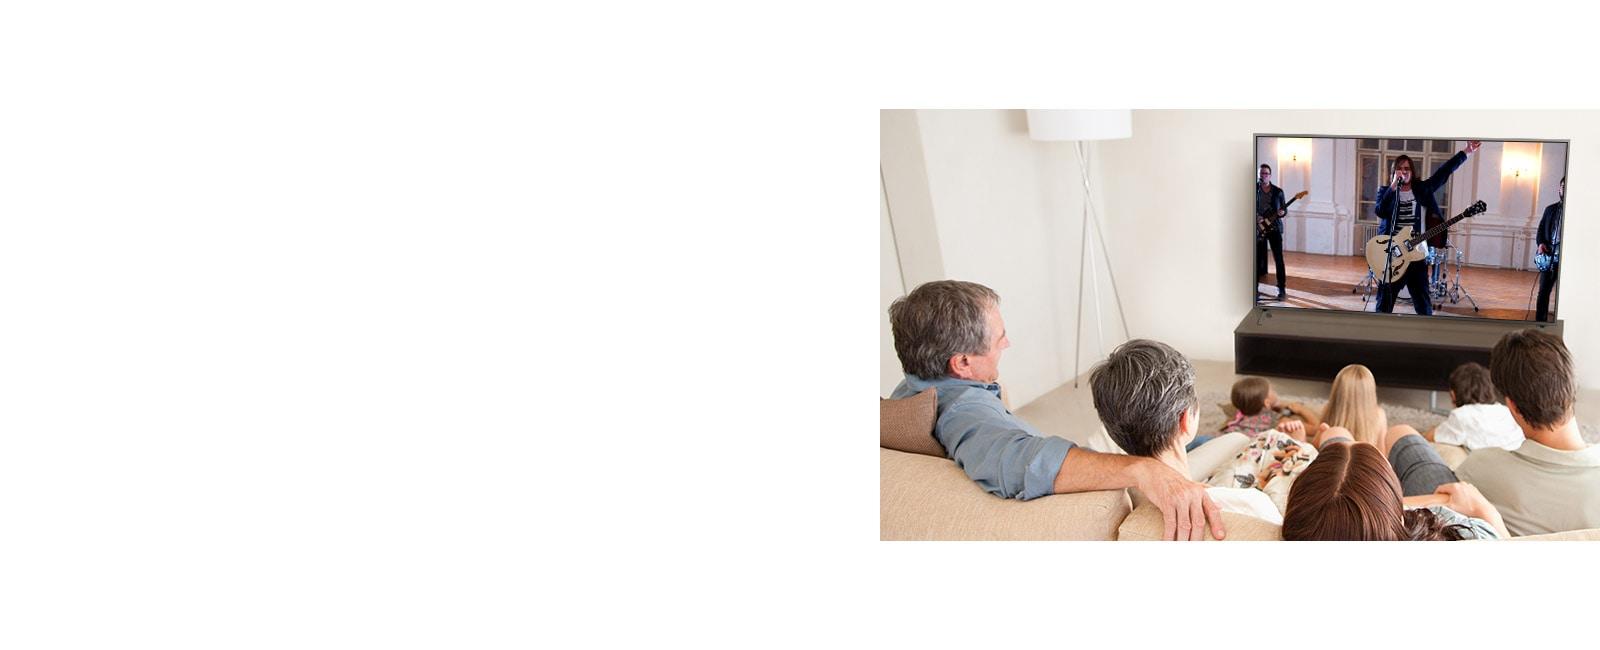 LG 49UN71006LB Yedi kişilik bir aile oturma odasında bir film izledi. TV ekranı bir bandın performansını gösterir.